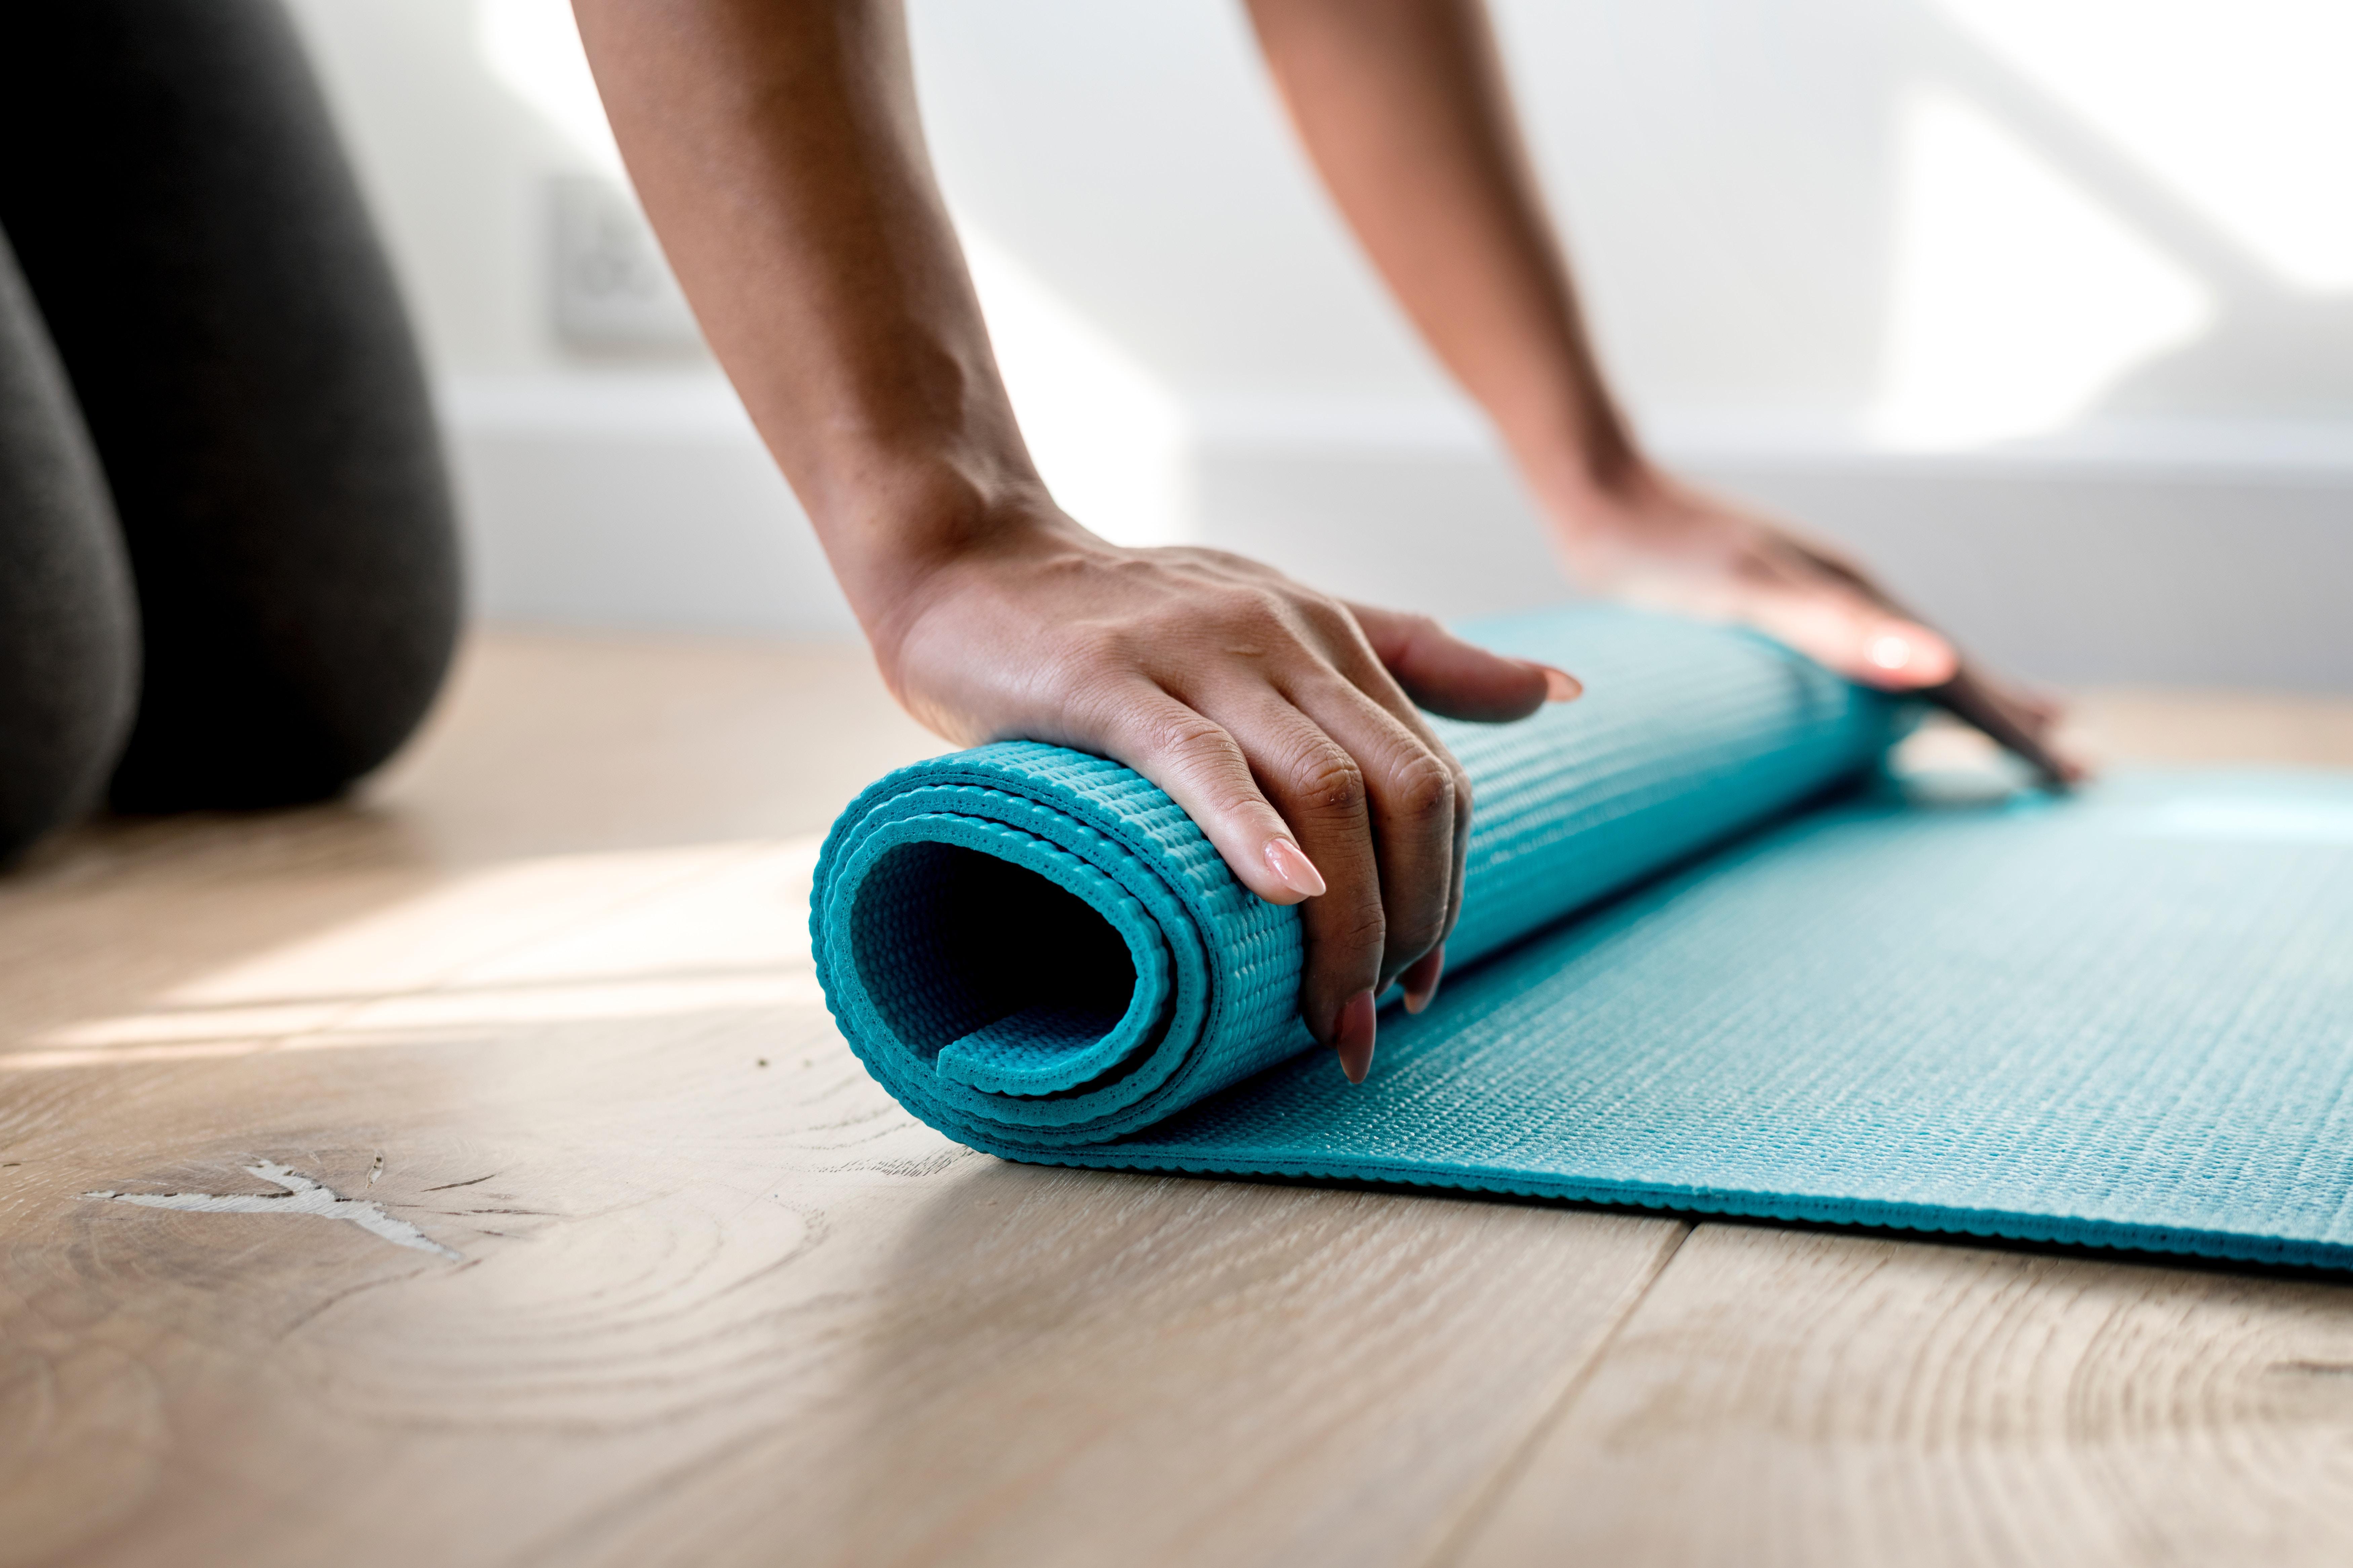 Zuhause oder im Fitnessstudio trainieren?